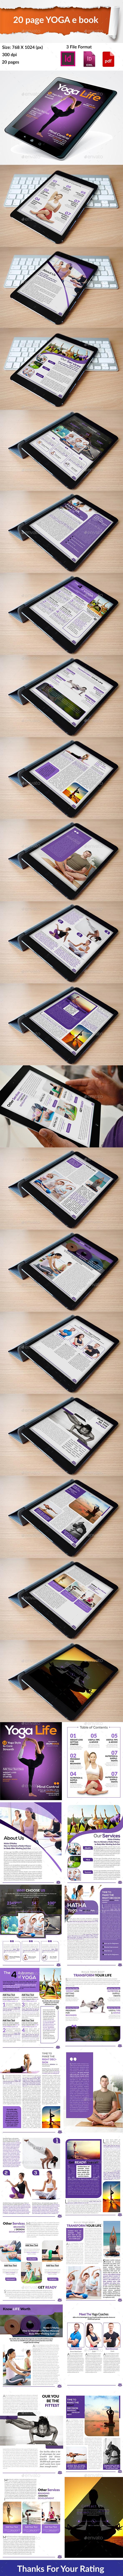 Yoga E Book - Digital Magazines ePublishing